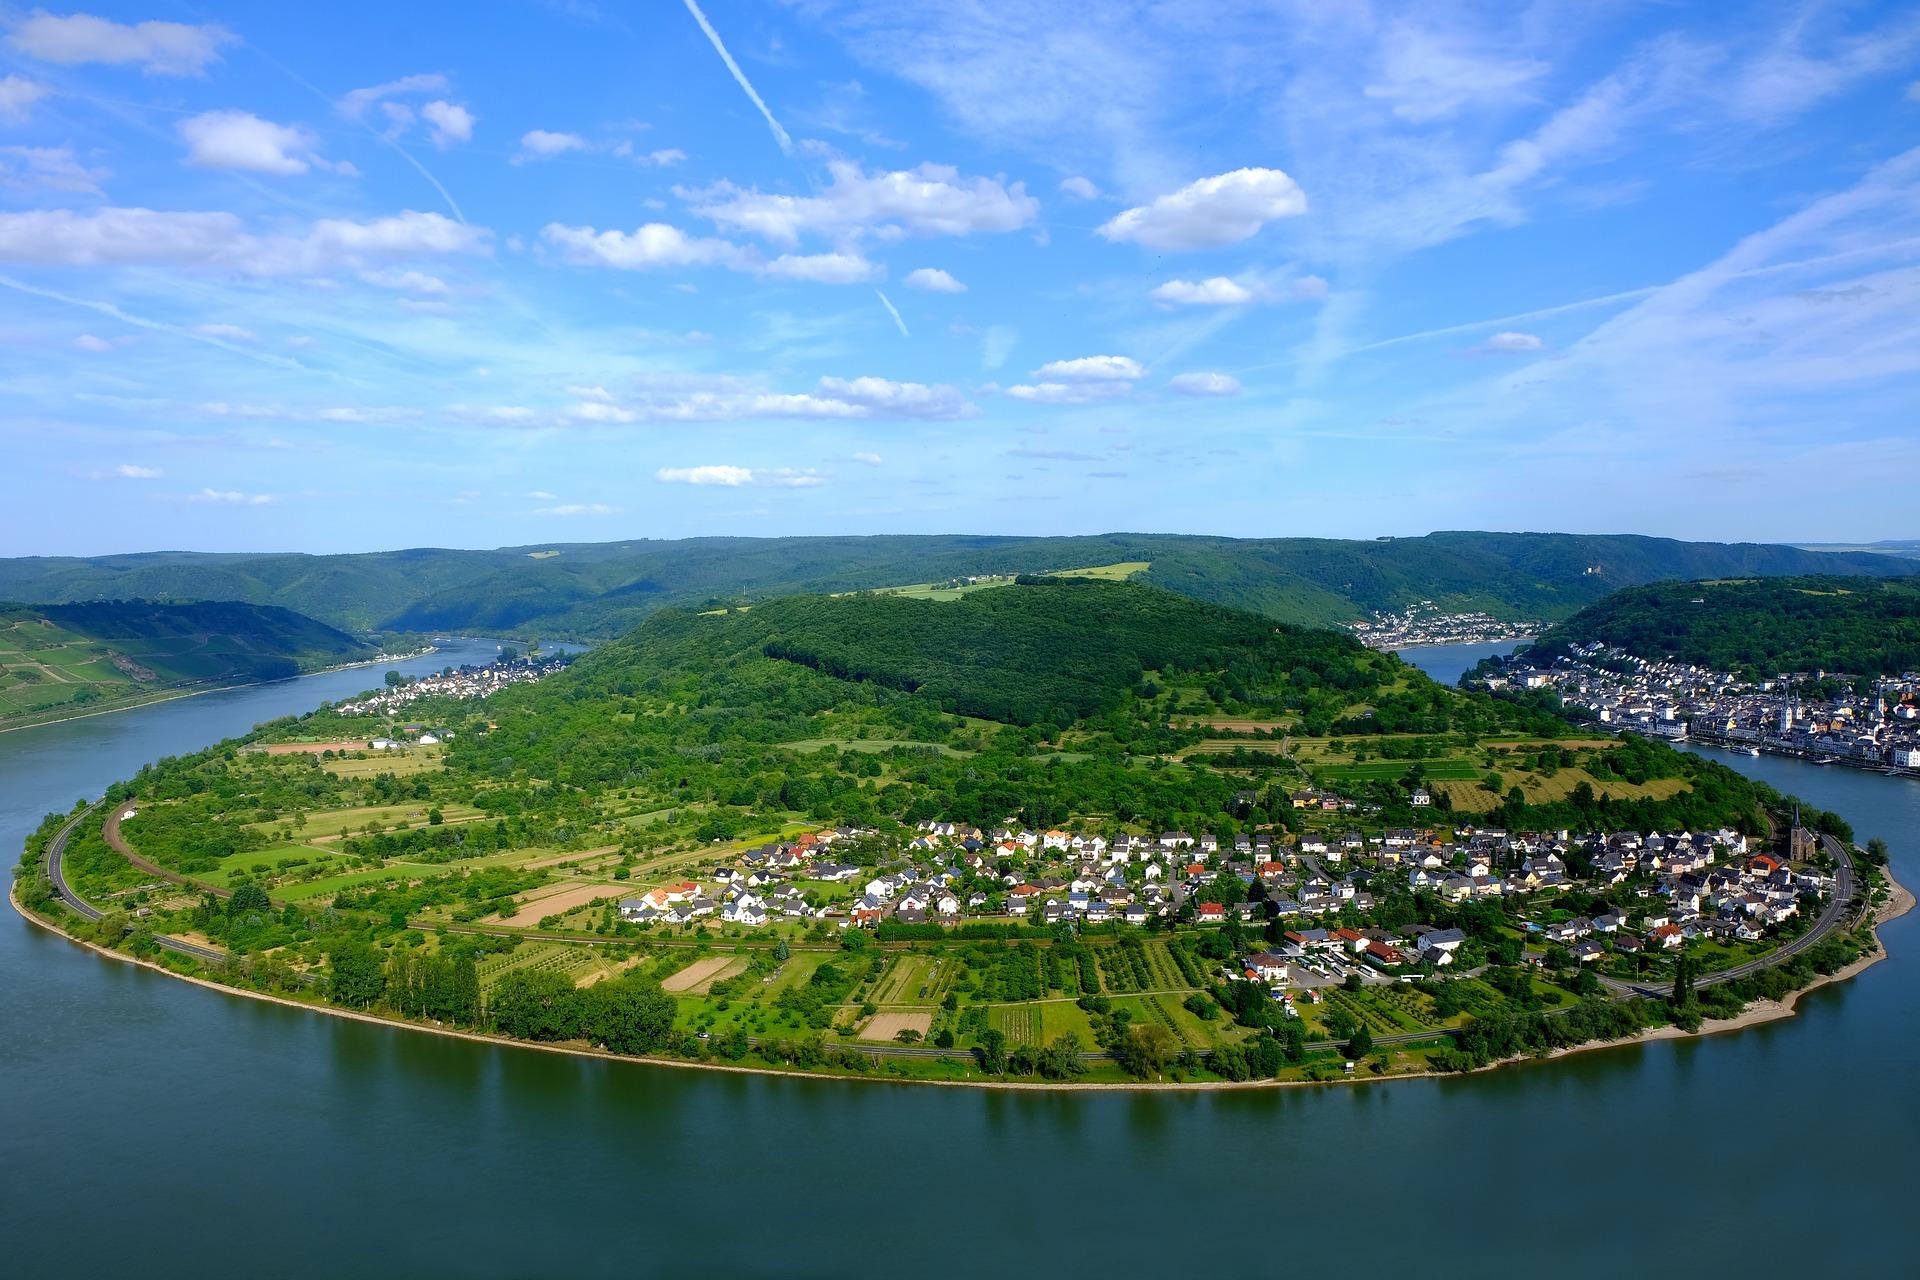 Pflegeheim zu verkaufen in Rheinland-Pfalz